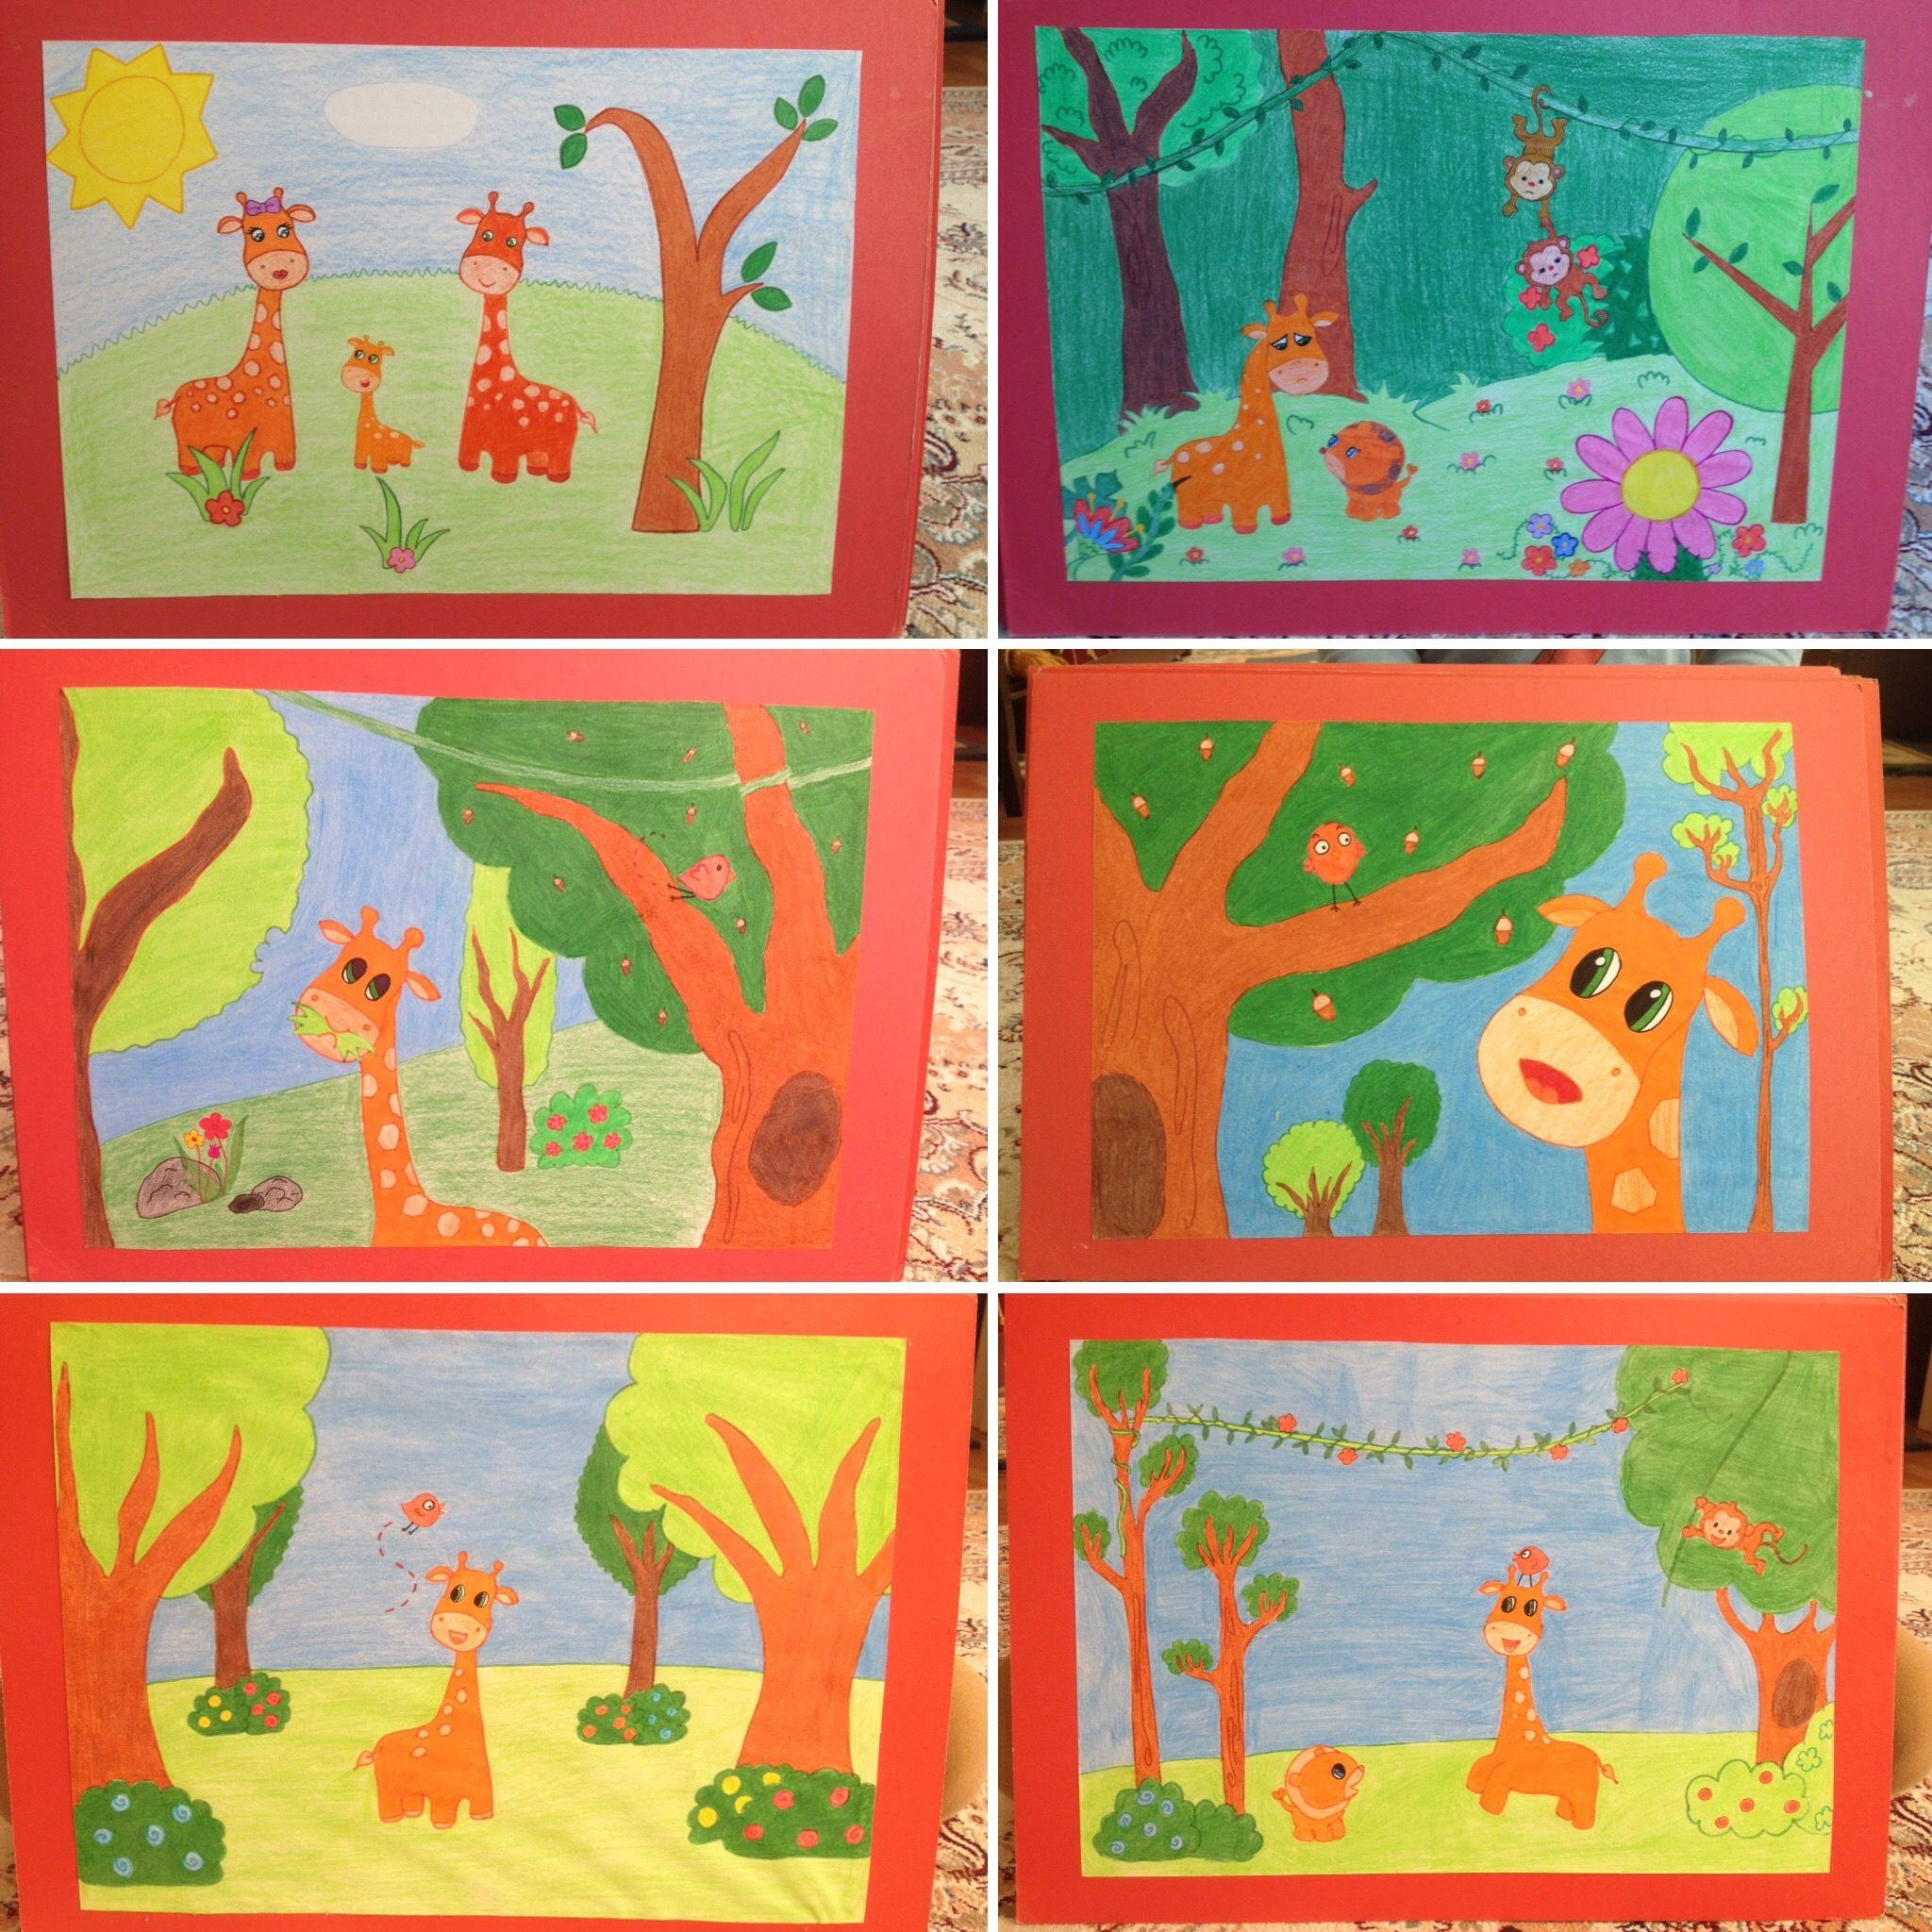 Masalhikaye Kartları Okul öncesi Hikaye Kartı Denenecek Projeler